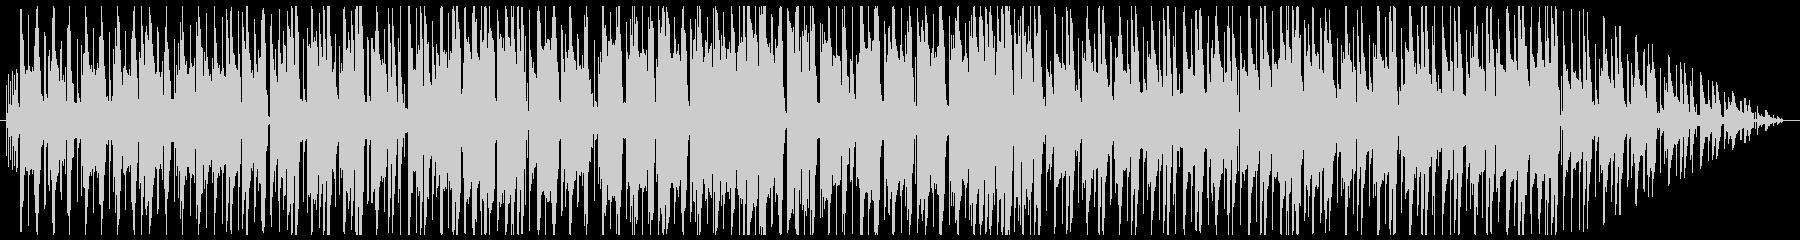 ジャックスイング風の夜のBGMの未再生の波形